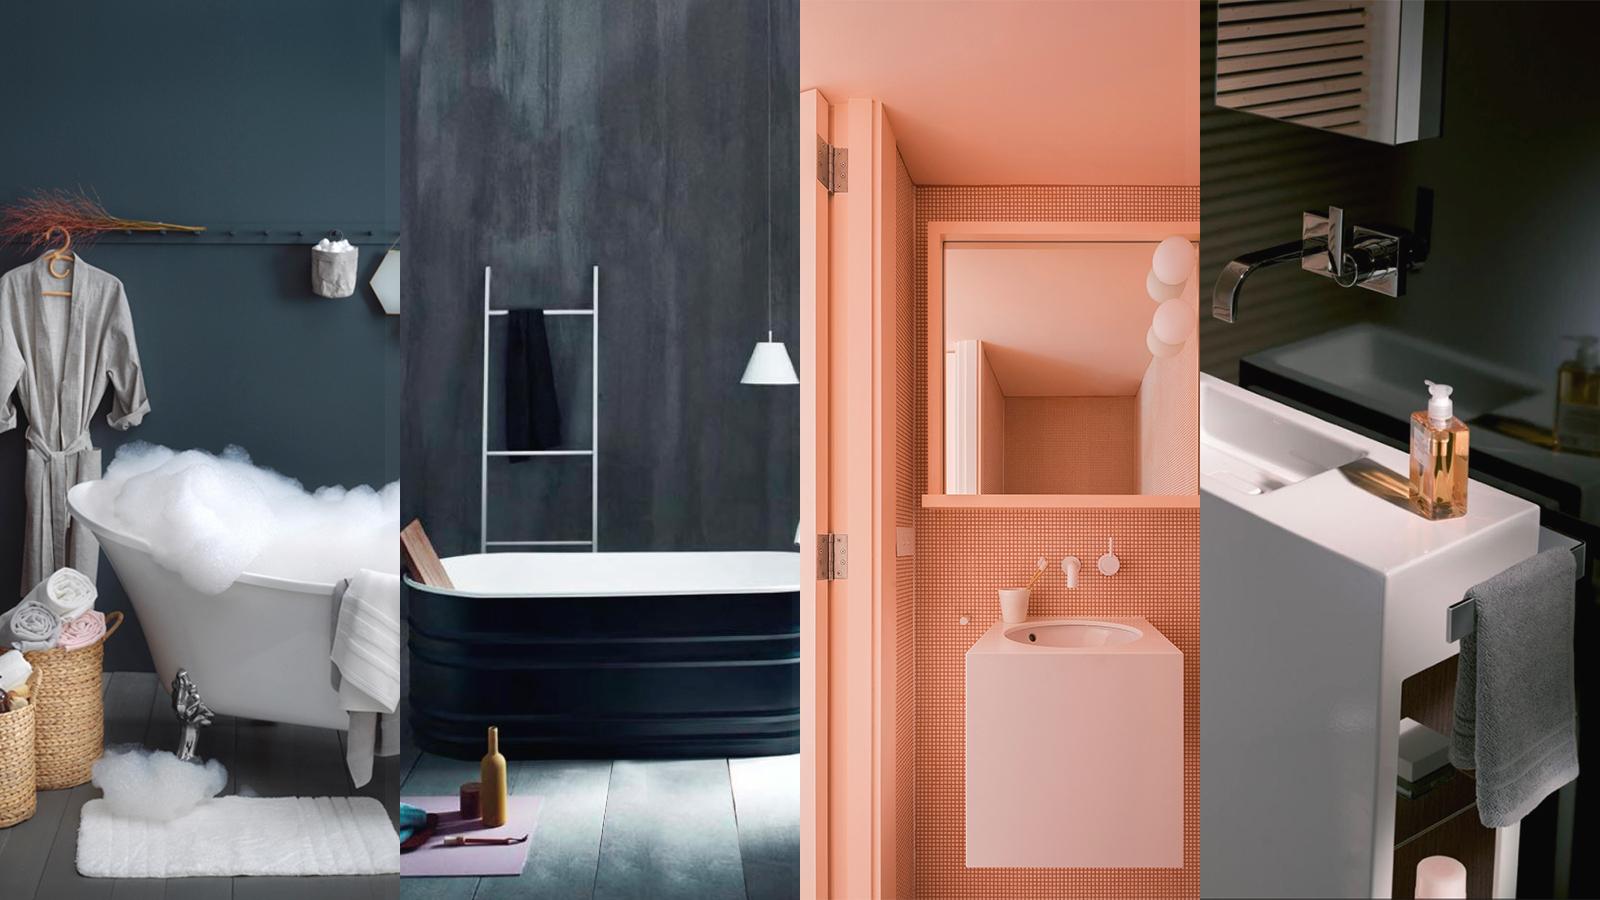 Details per Space - Bathroom.jpg